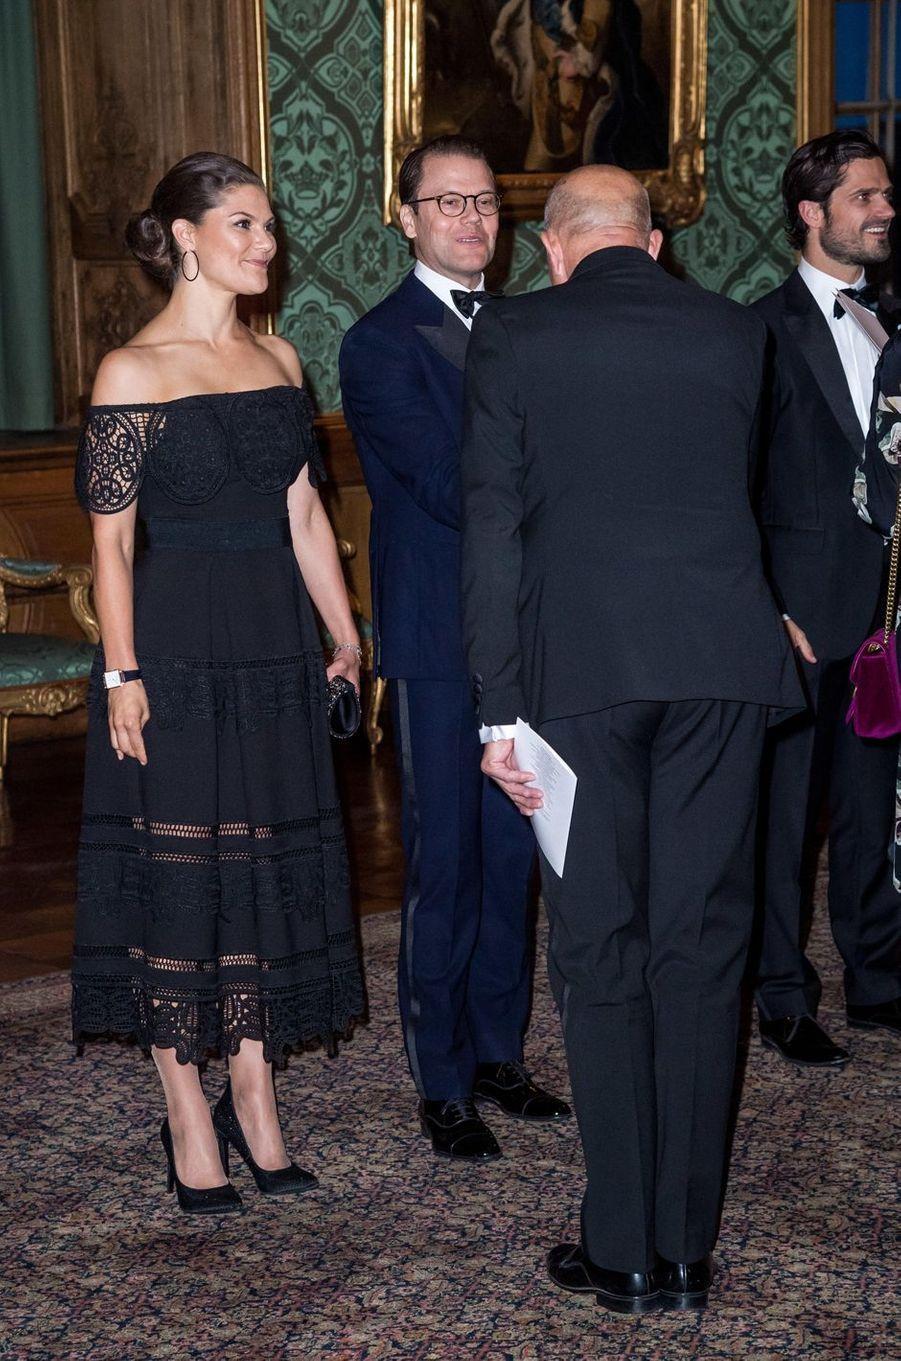 La princesse Victoria et les princes Daniel et Carl Philip de Suède à Stockholm, le 14 septembre 2018